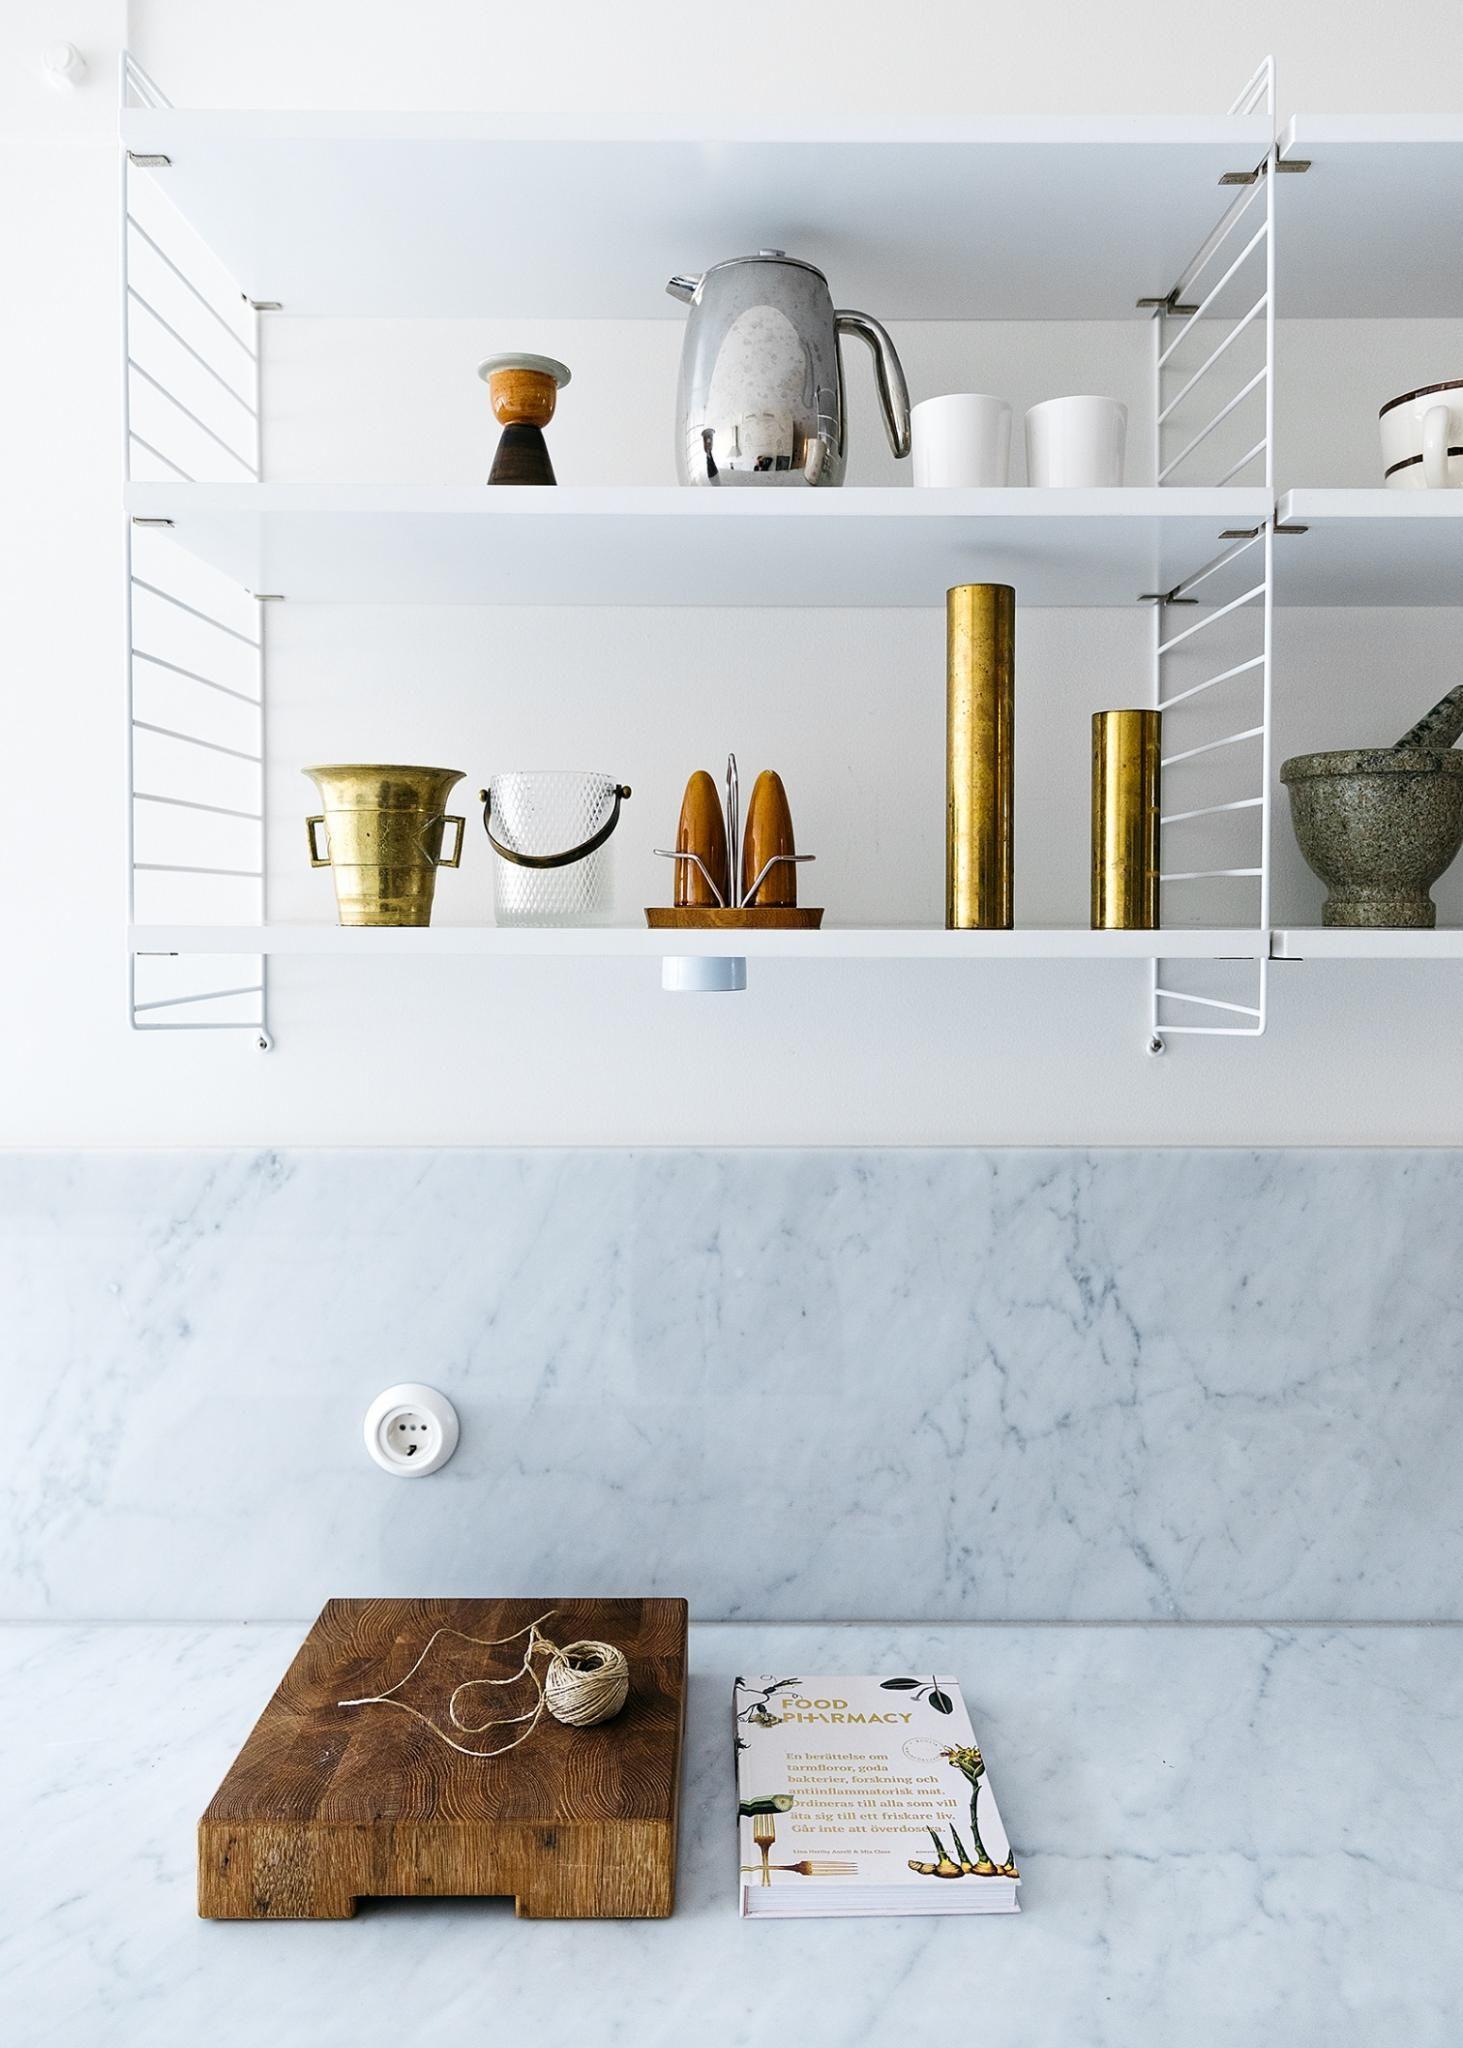 Küchenschränke für kleine küchen blog u social  fantastic frank real estate  k i t c h e n